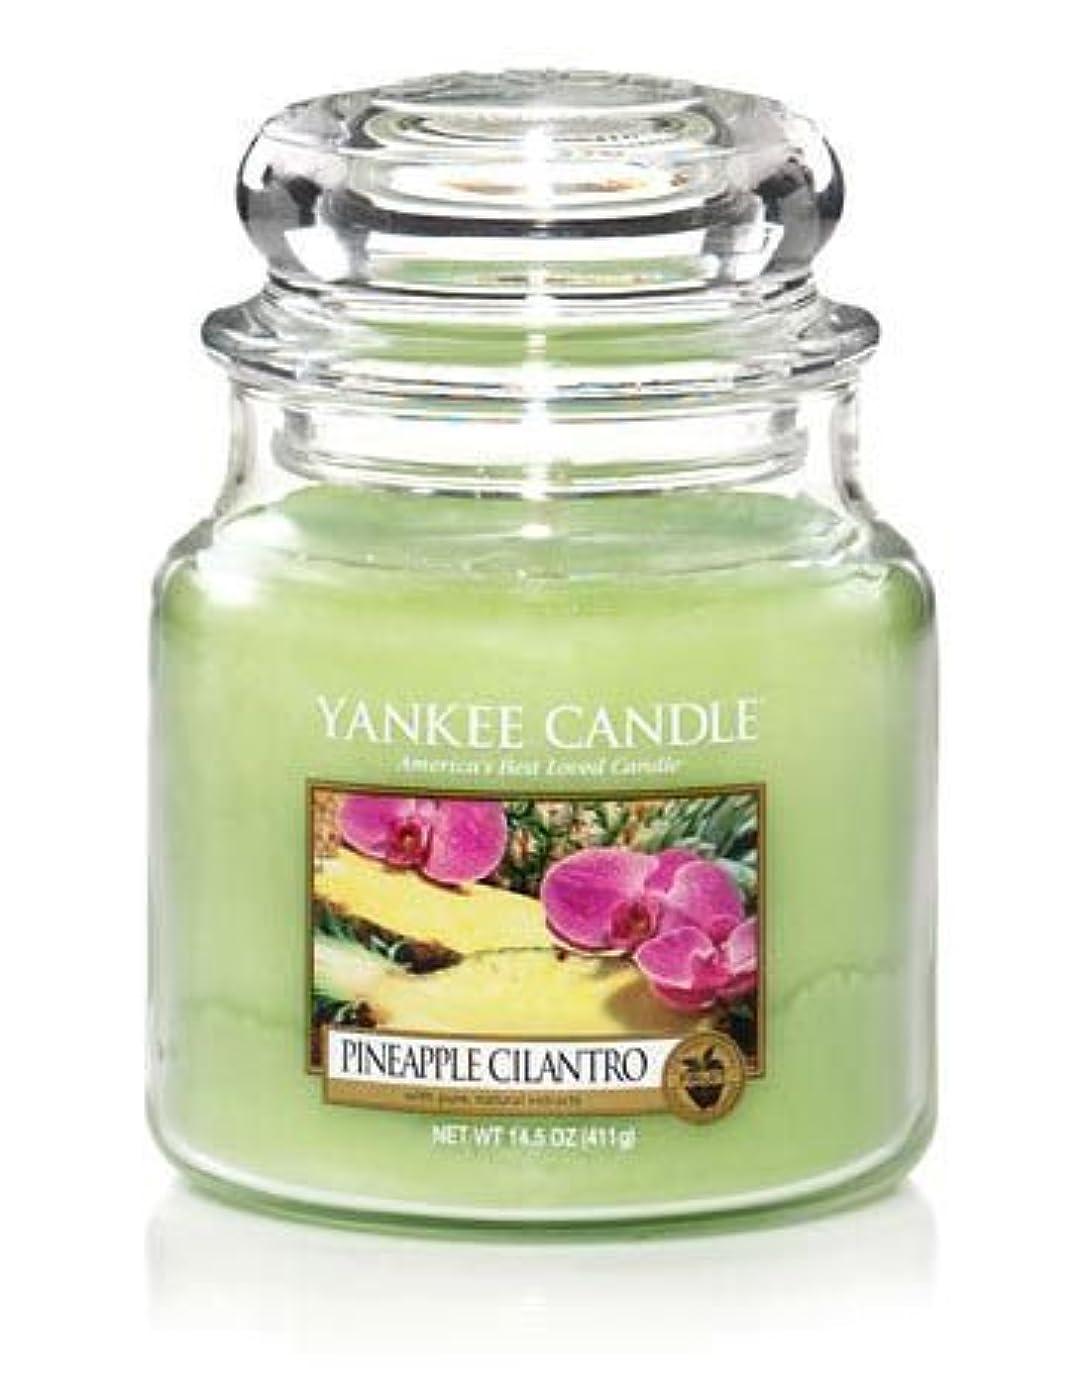 定説極貧暗くするYankee Candle Pineapple Cilantro Medium Jar 14.5oz Candle by Amazon source [並行輸入品]